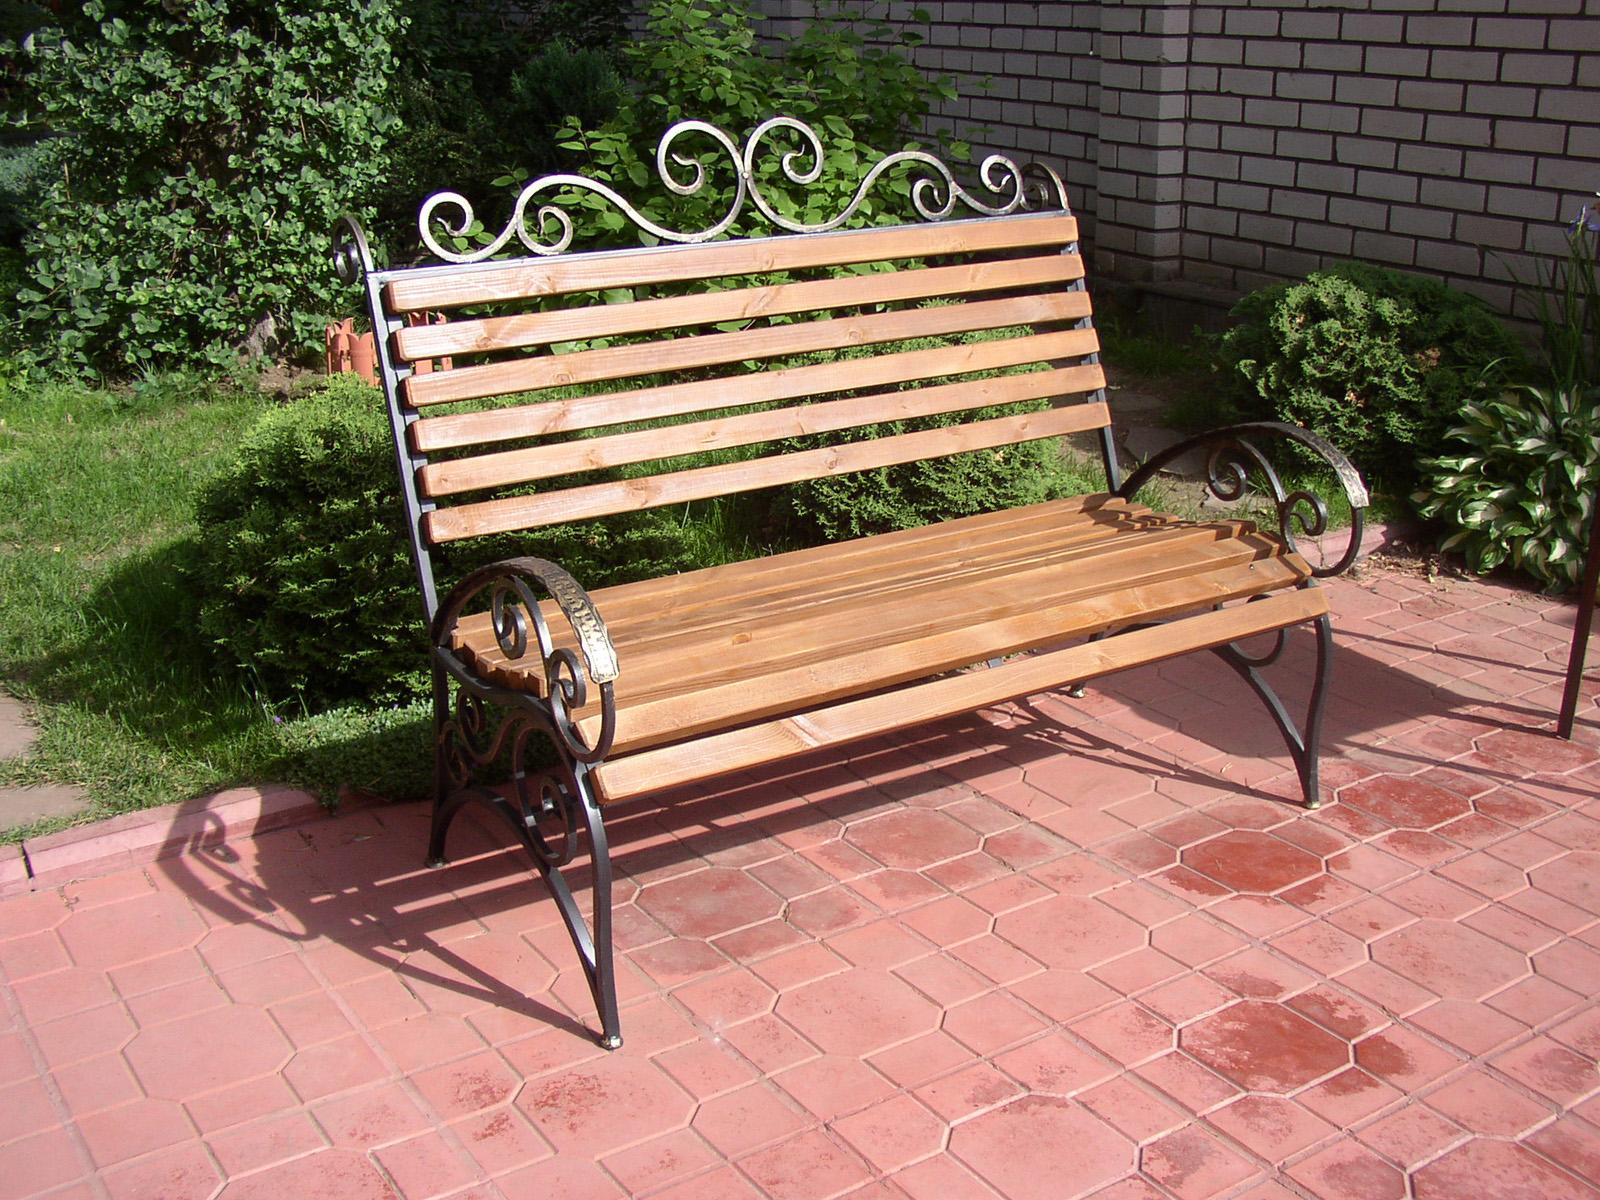 кованые скамейки идеи